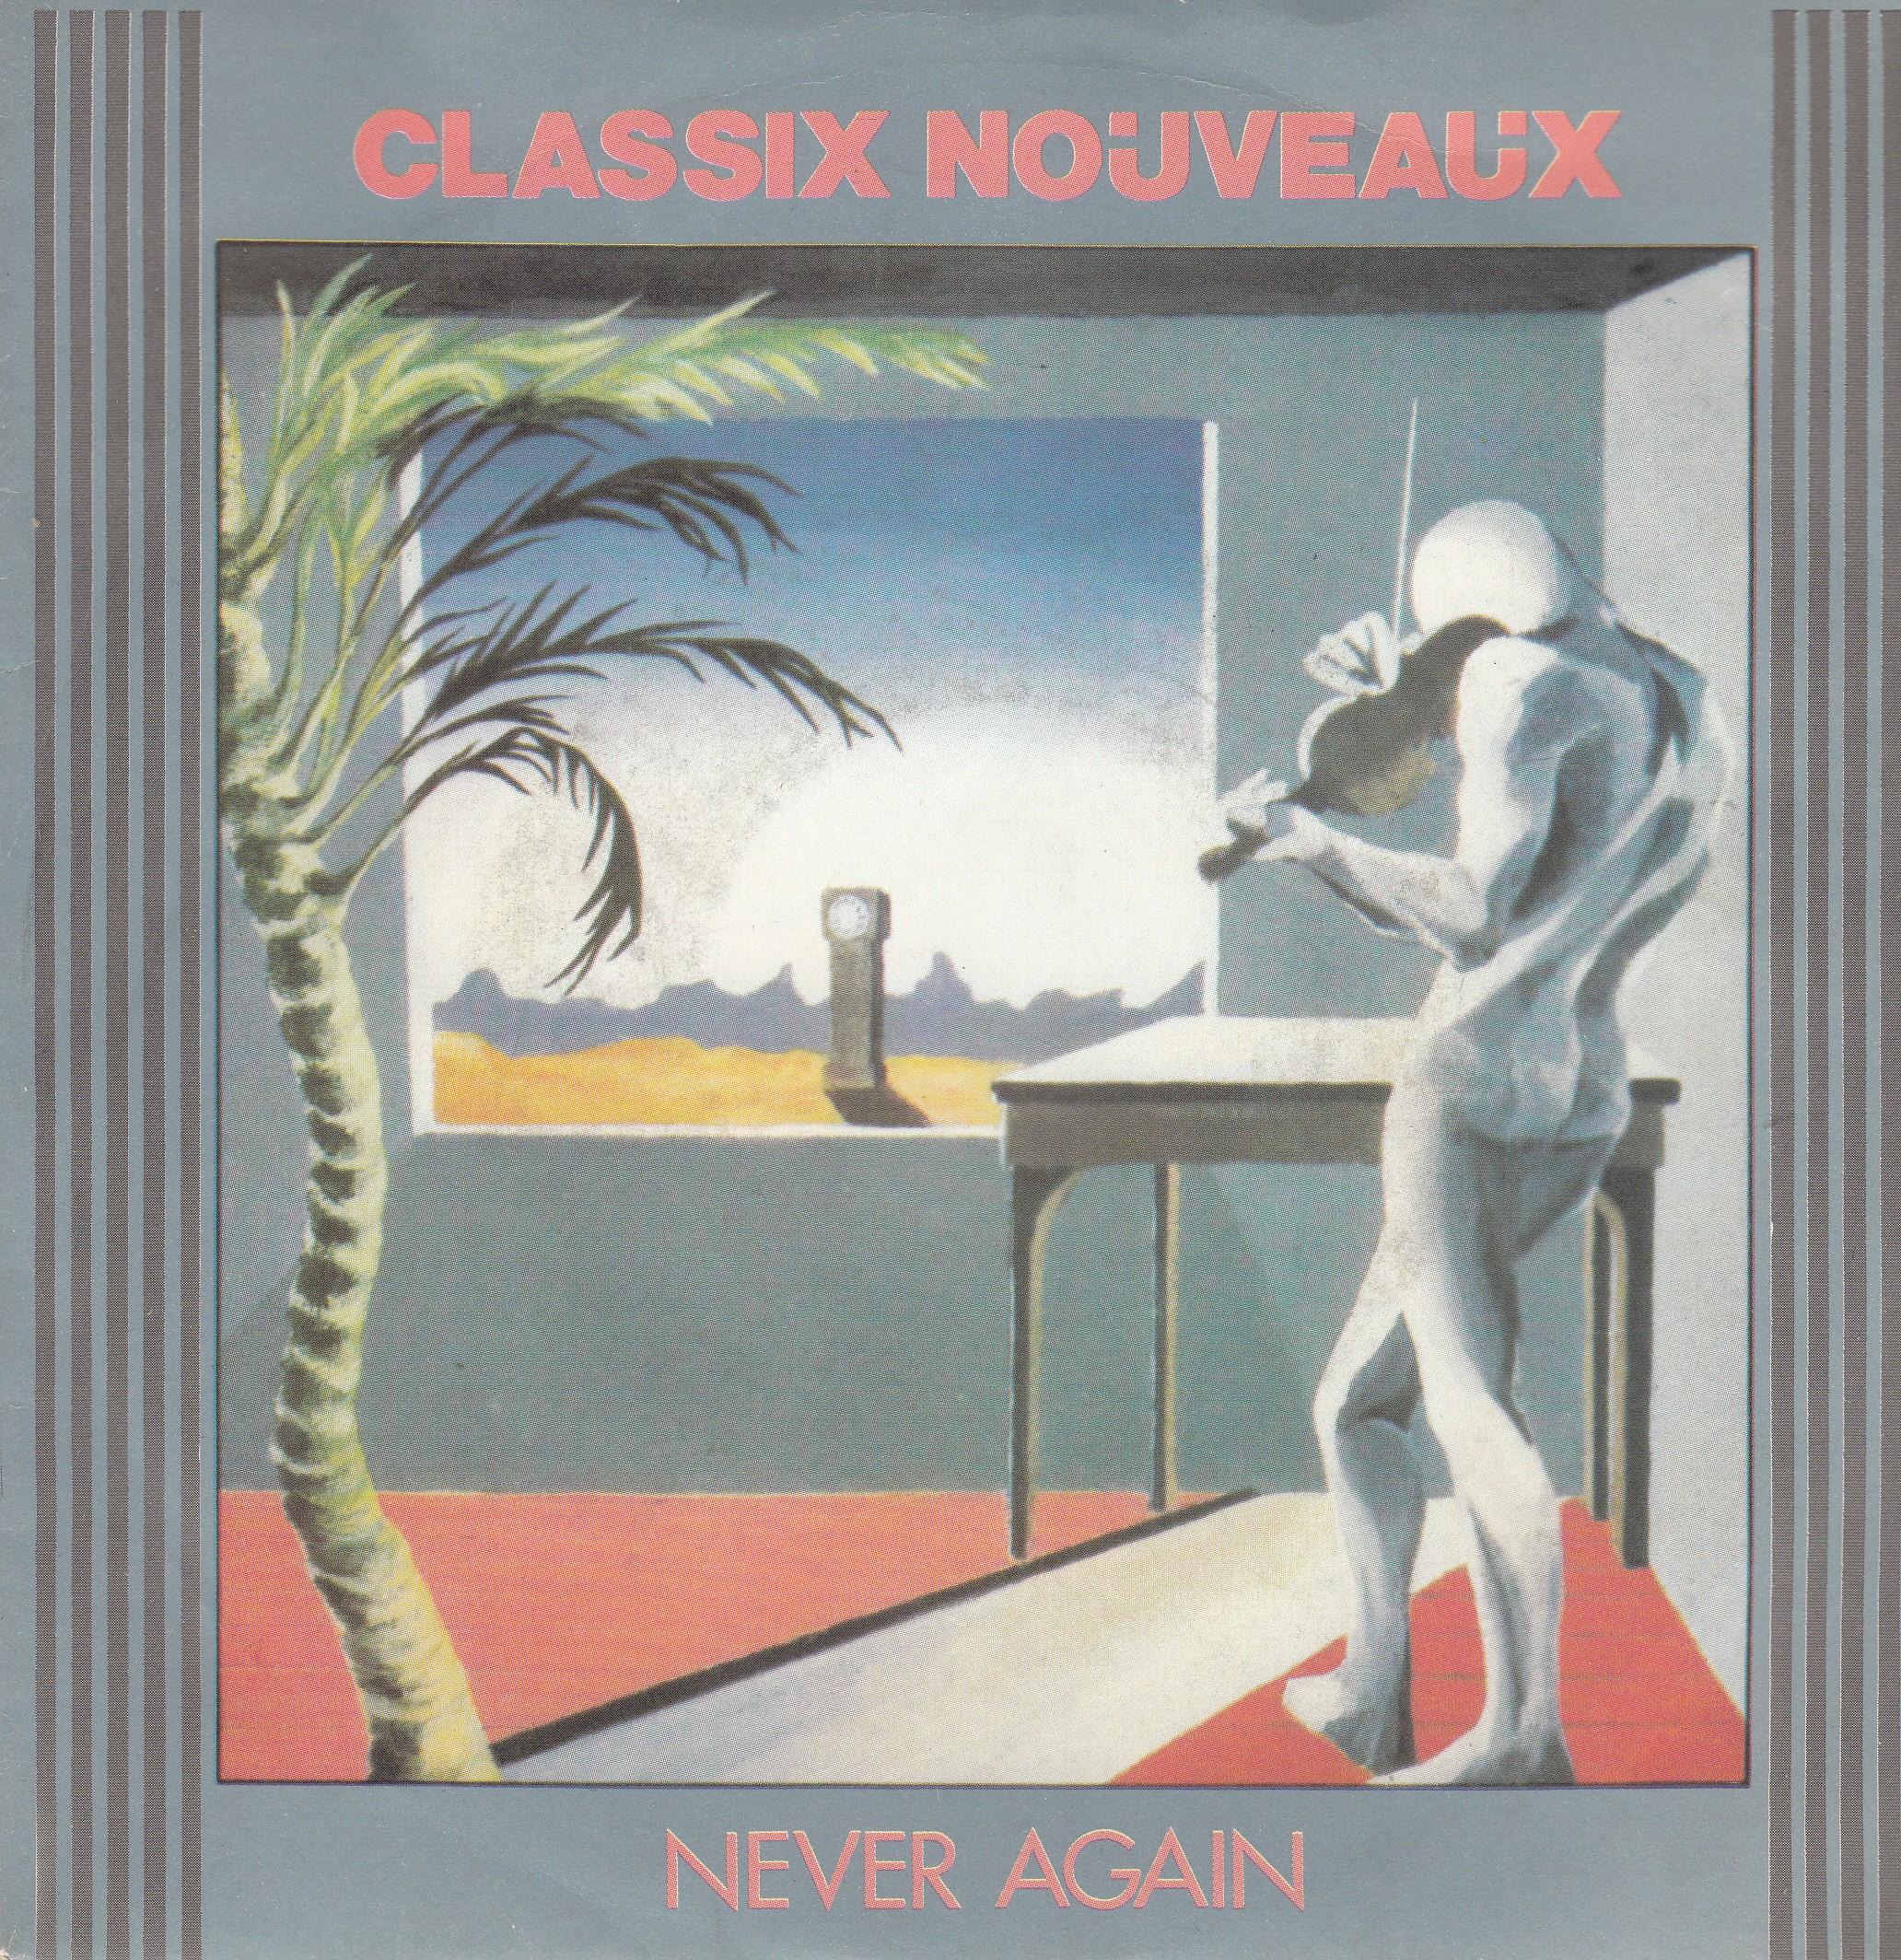 Classix Nouveaux - Never Again/627